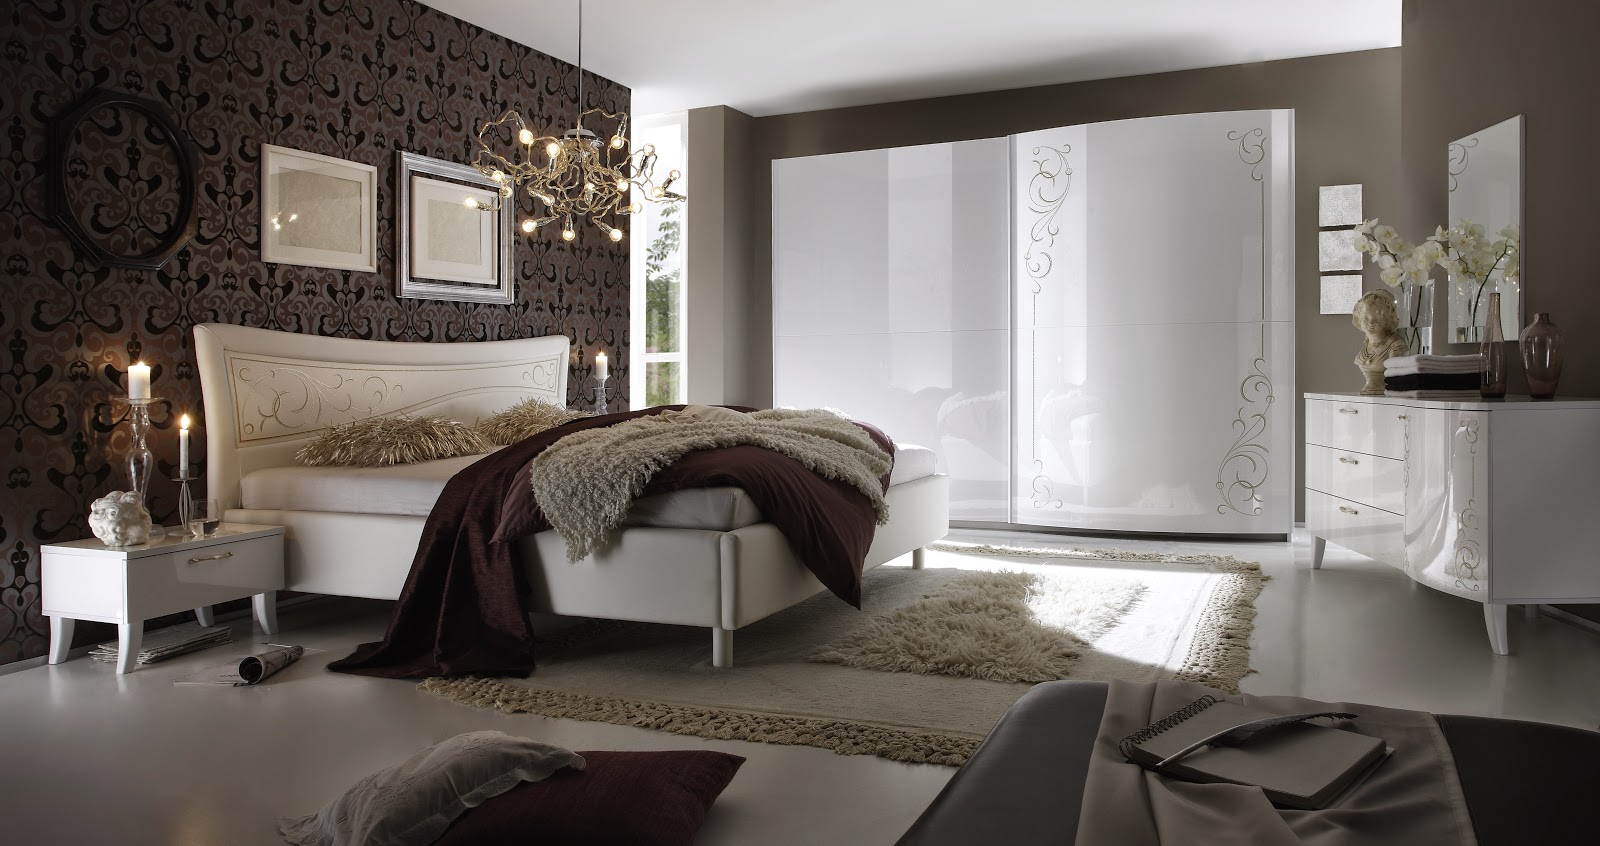 Camera da letto a ponte? Camere Da Letto Mobilandia